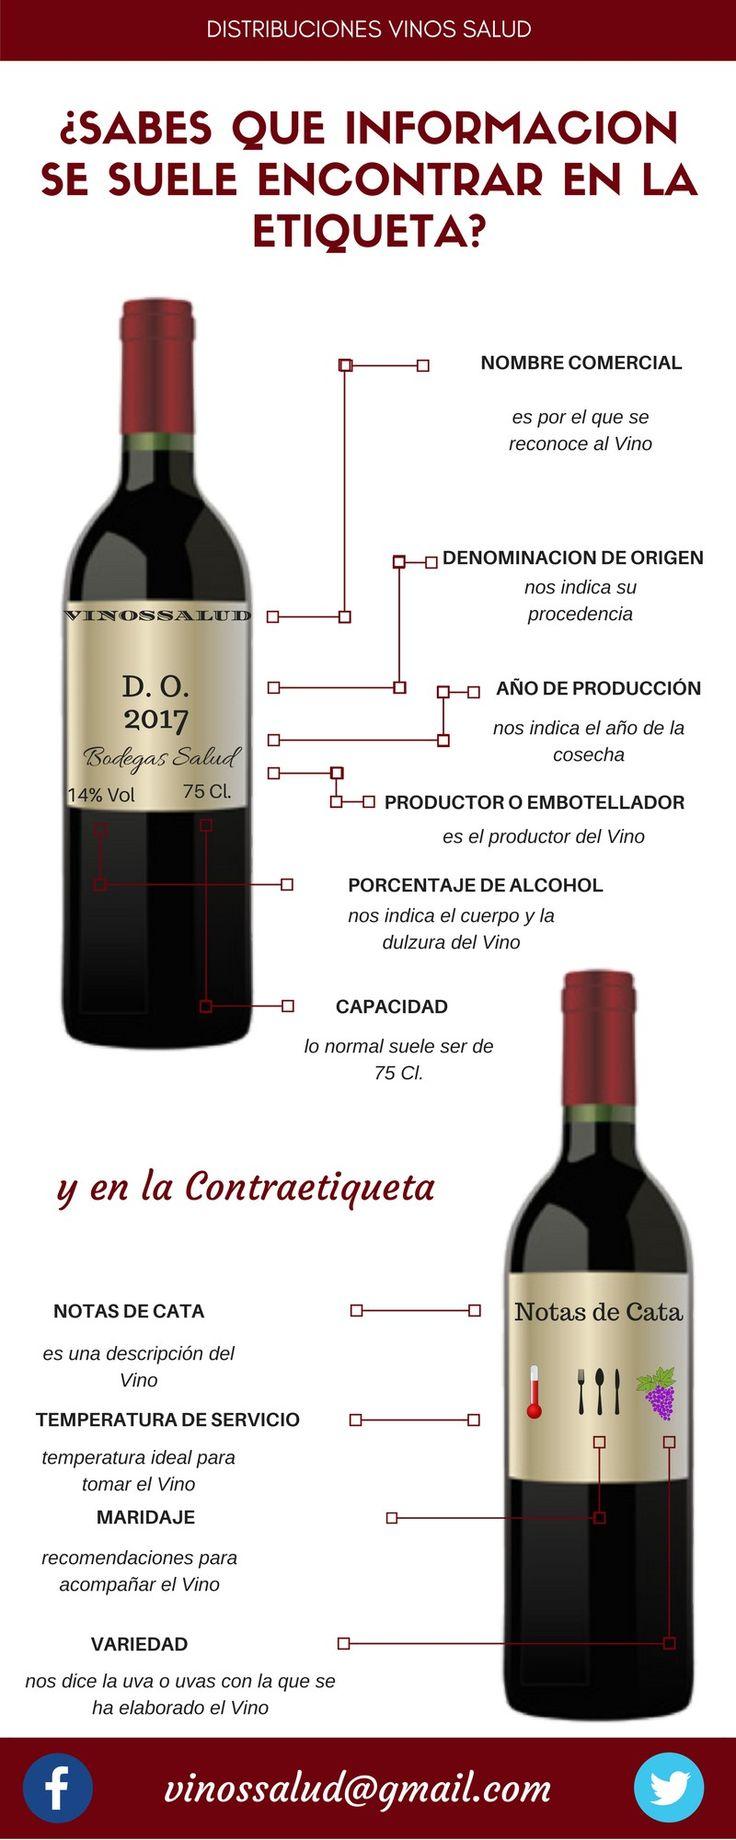 Infografía información en la etiqueta del Vino #Infografia #Vino #Vinos #Wine #BotellaDeVino #EtiquetaDelVino #Etiqueta